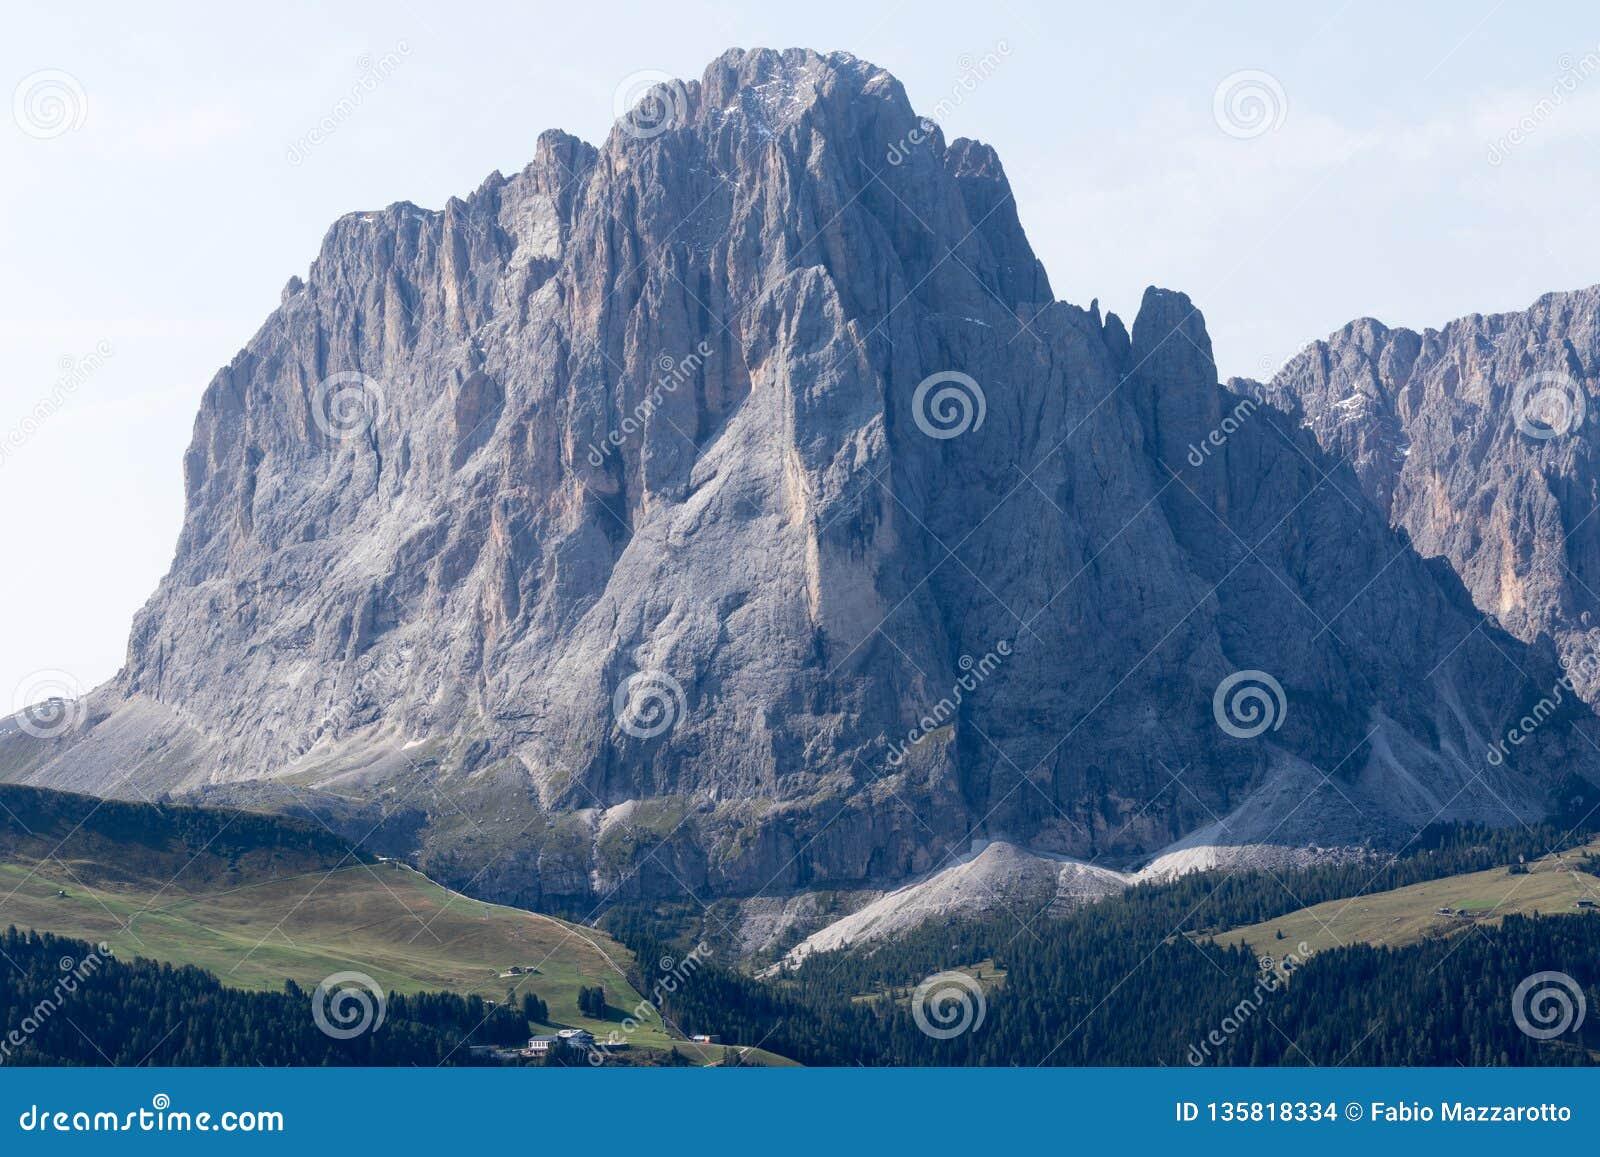 是白云岩的一部分Sassolungo山的正面图,欧洲阿尔卑斯